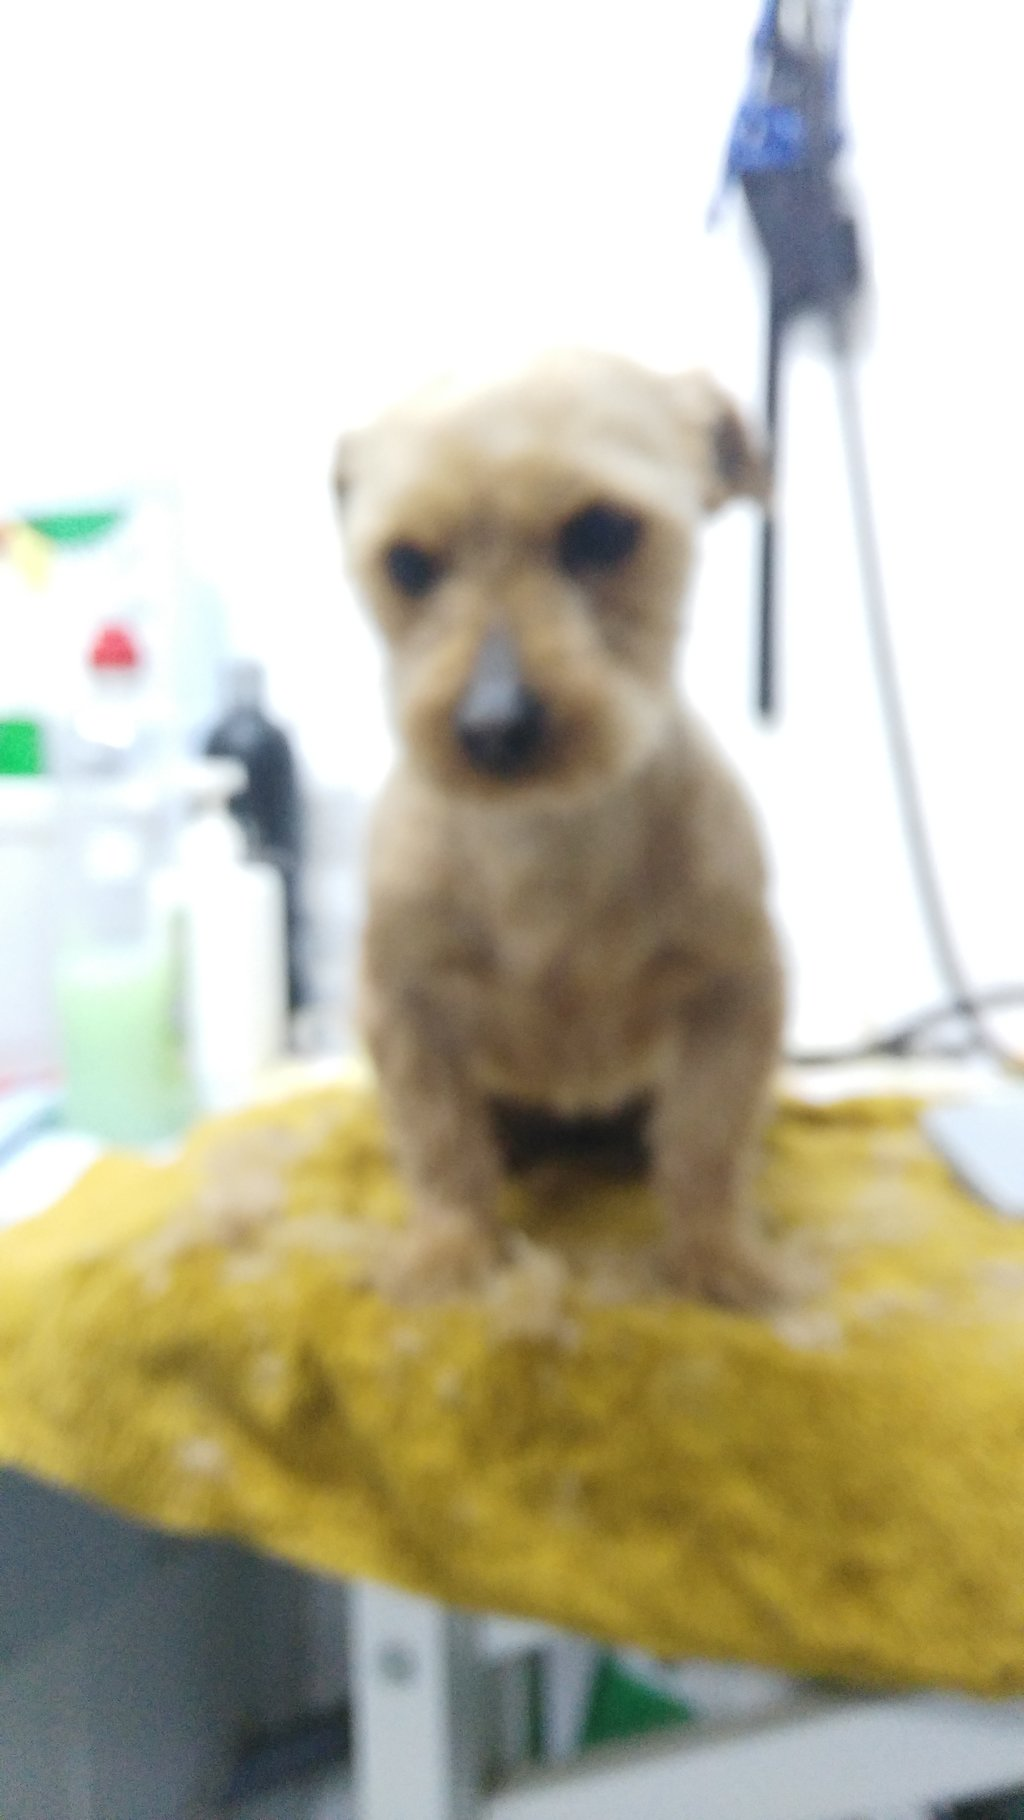 Bildertagebuch - Dakota, eine ganz süße kleine Maus lebte unter schlechten Bedingungen und wurde endlich befreit...VERMITTELT! 35124144vq